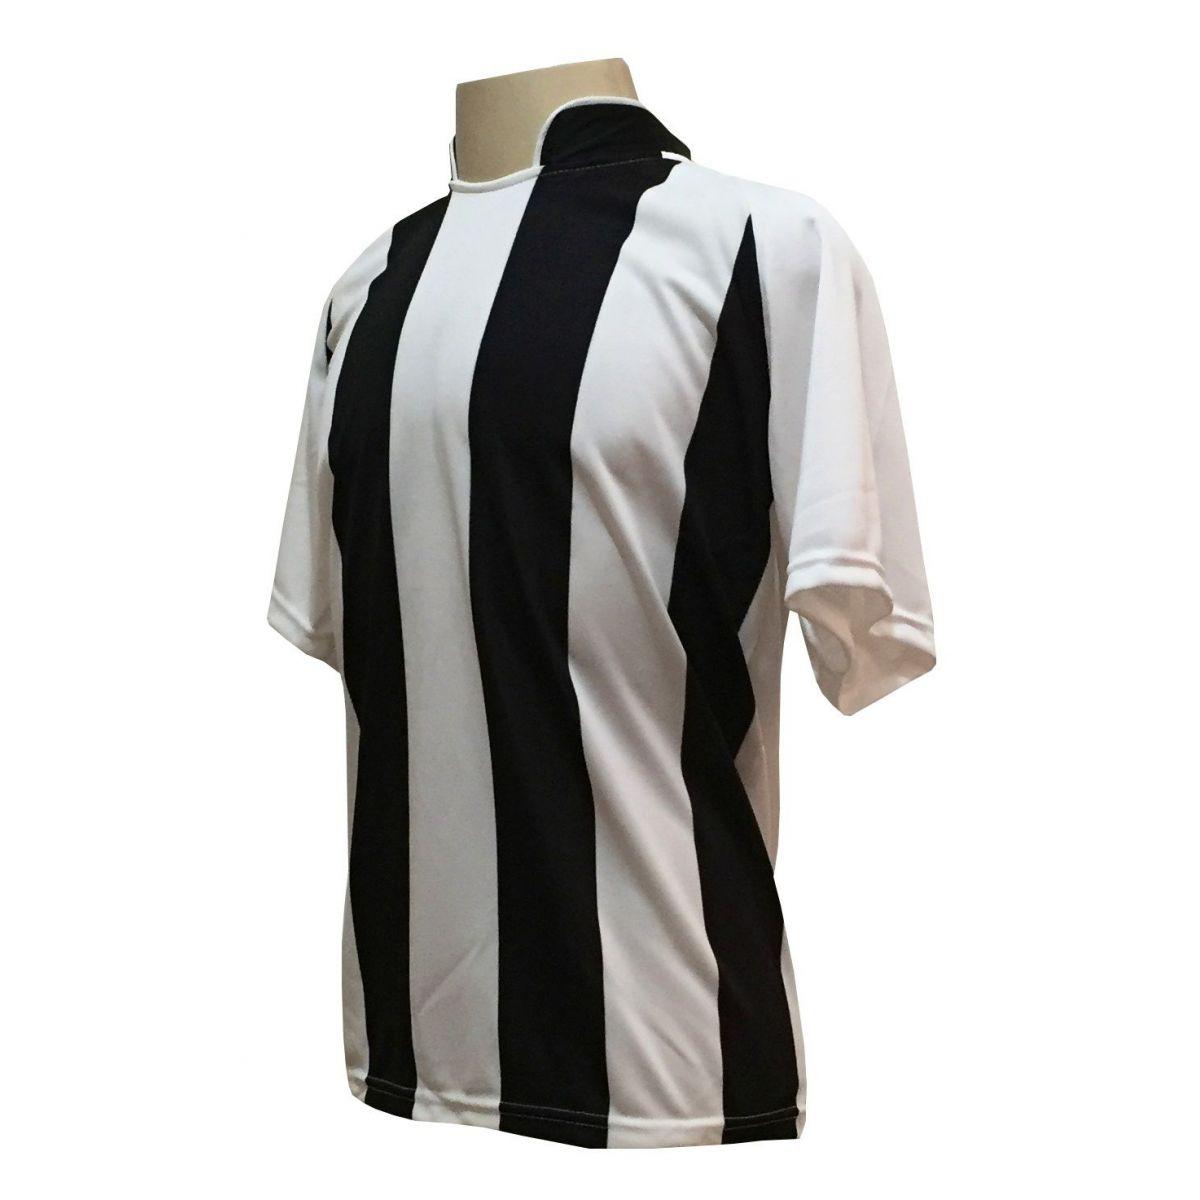 Uniforme Esportivo com 12 Camisas modelo Milan Branco/Preto + 12 Calções modelo Madrid Branco